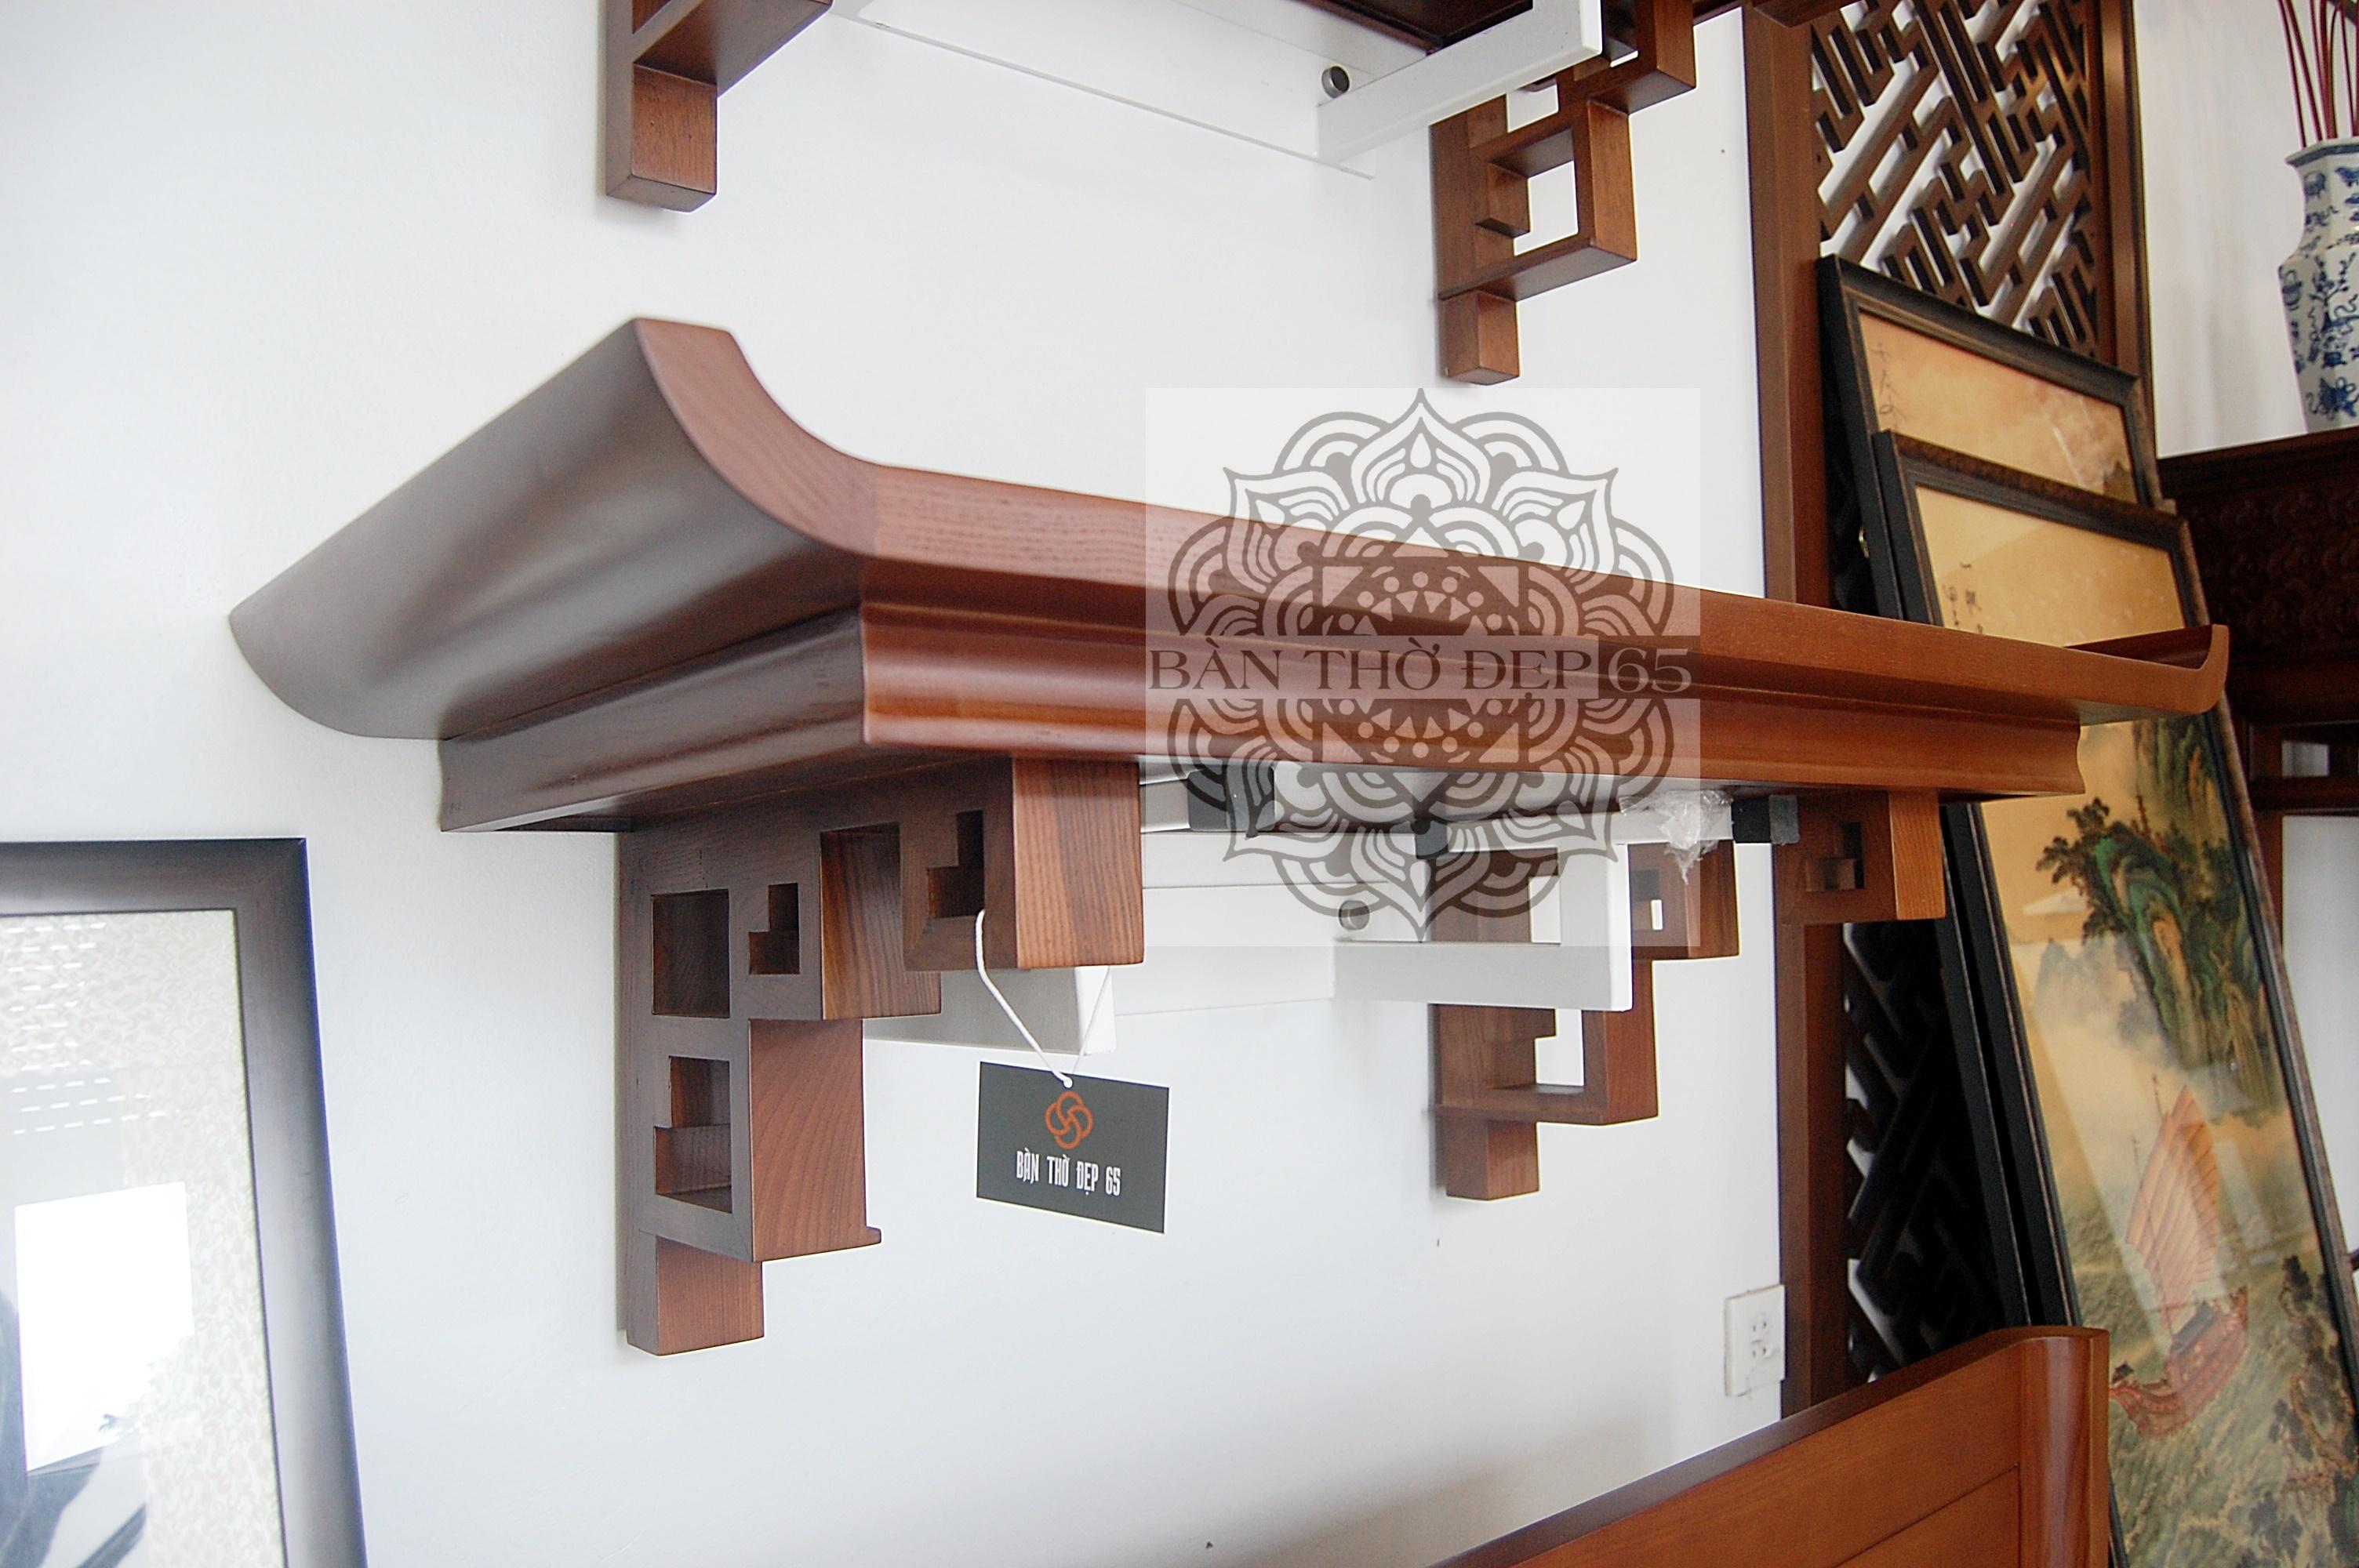 Bàn thờ treo tường TC107-06